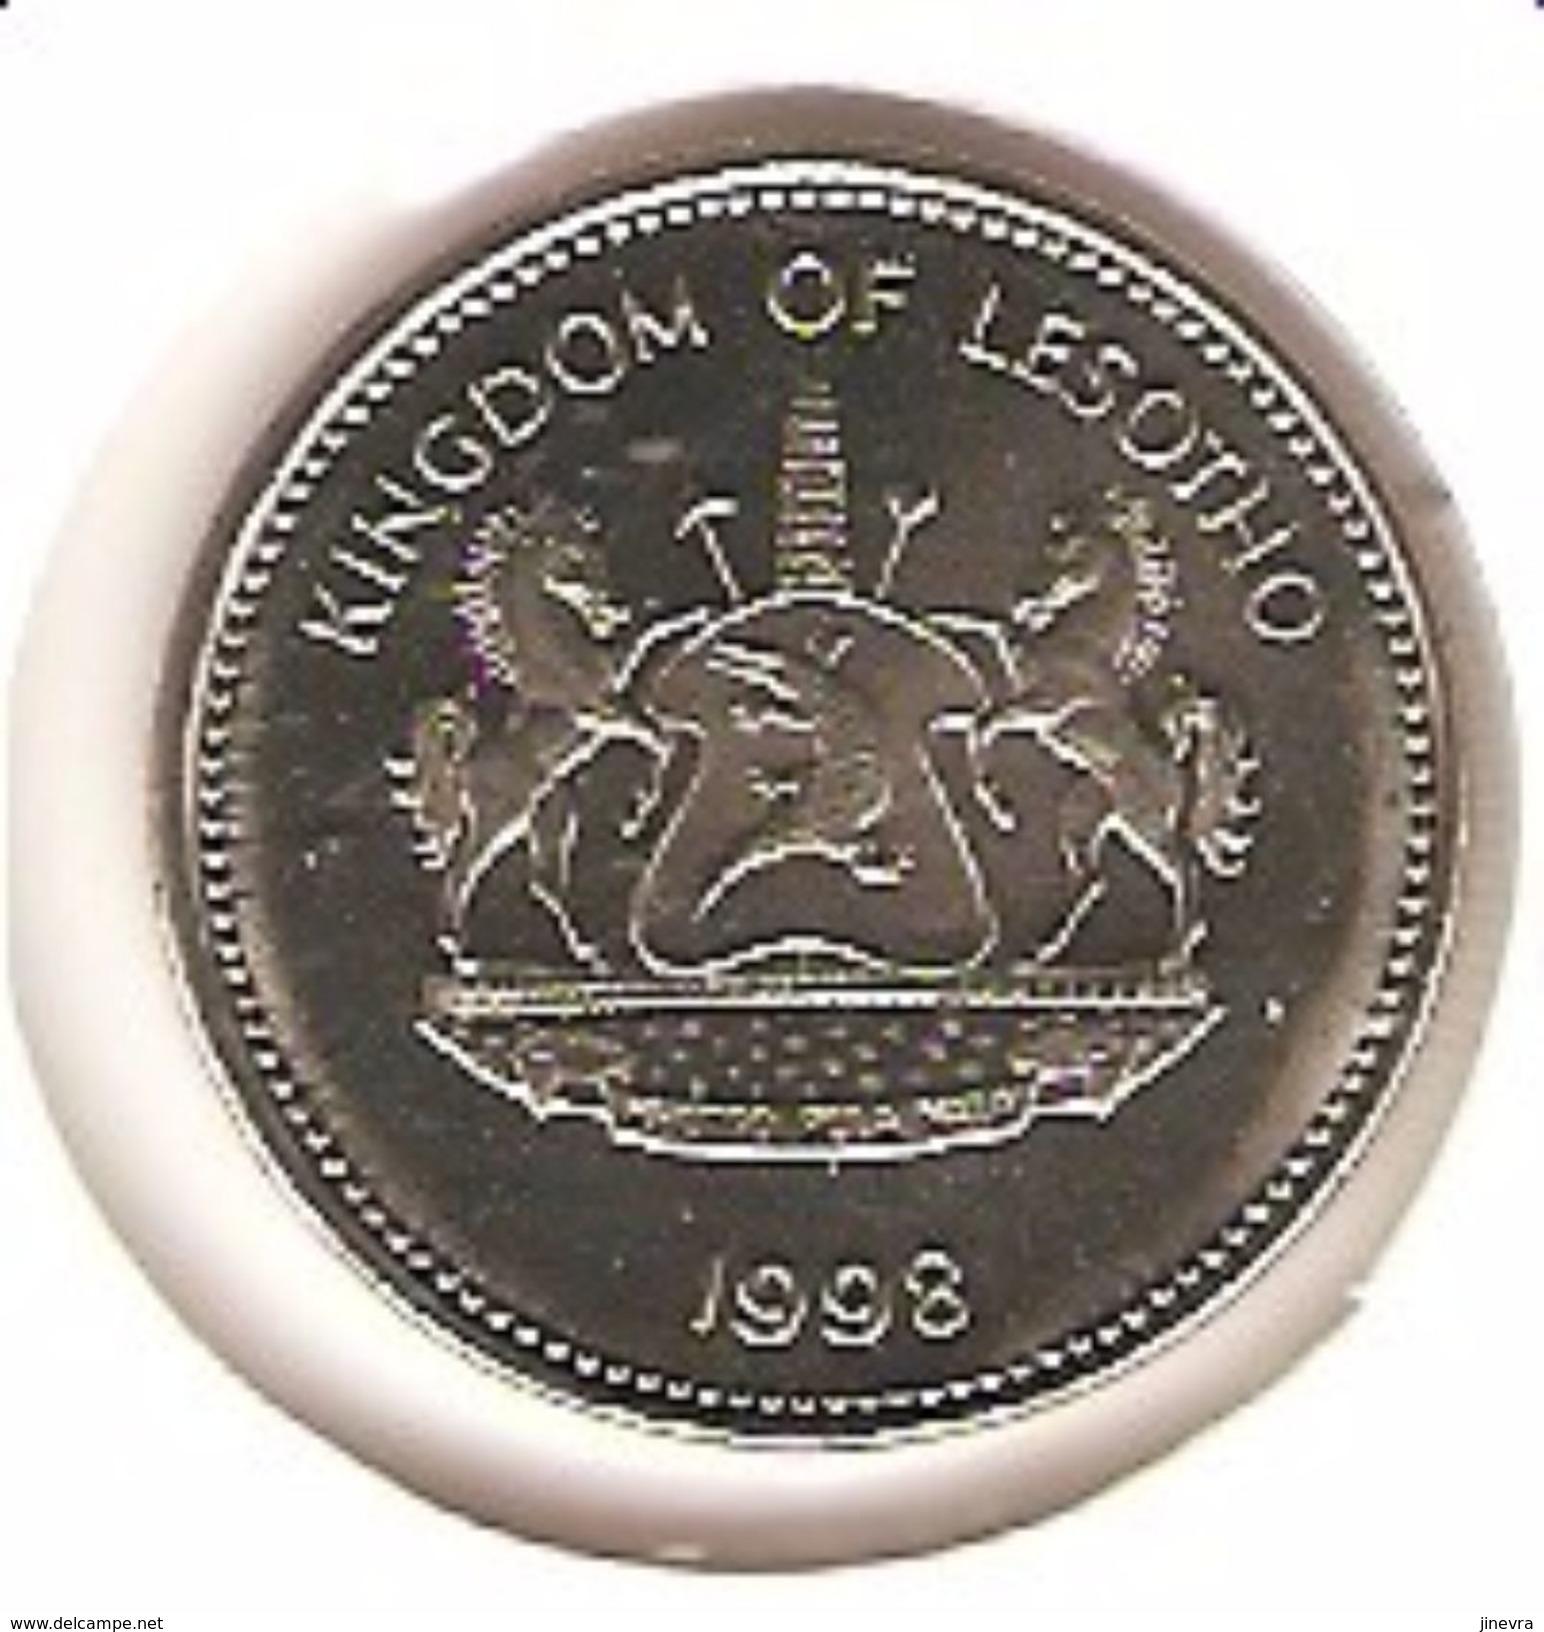 LESOTHO 2 MALOTI 1998 PICK KM58 UNC - Lesotho